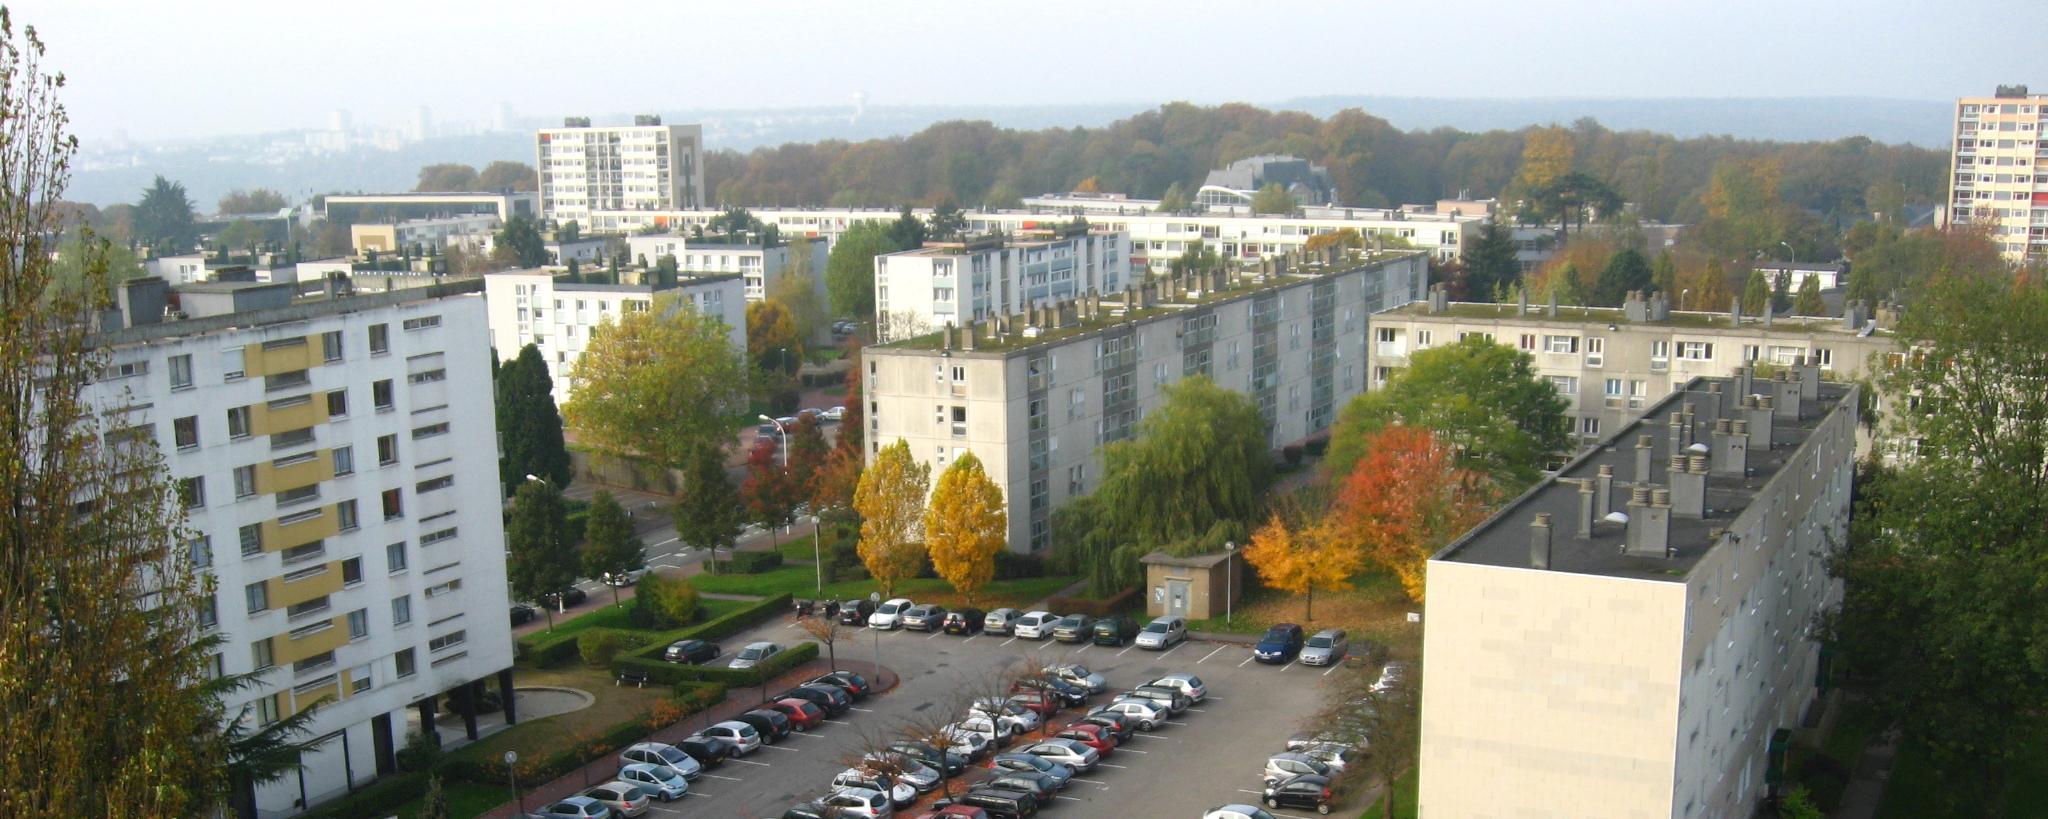 Local - Mont-Saint-Aignan destiné Piscine De Mont Saint Aignan